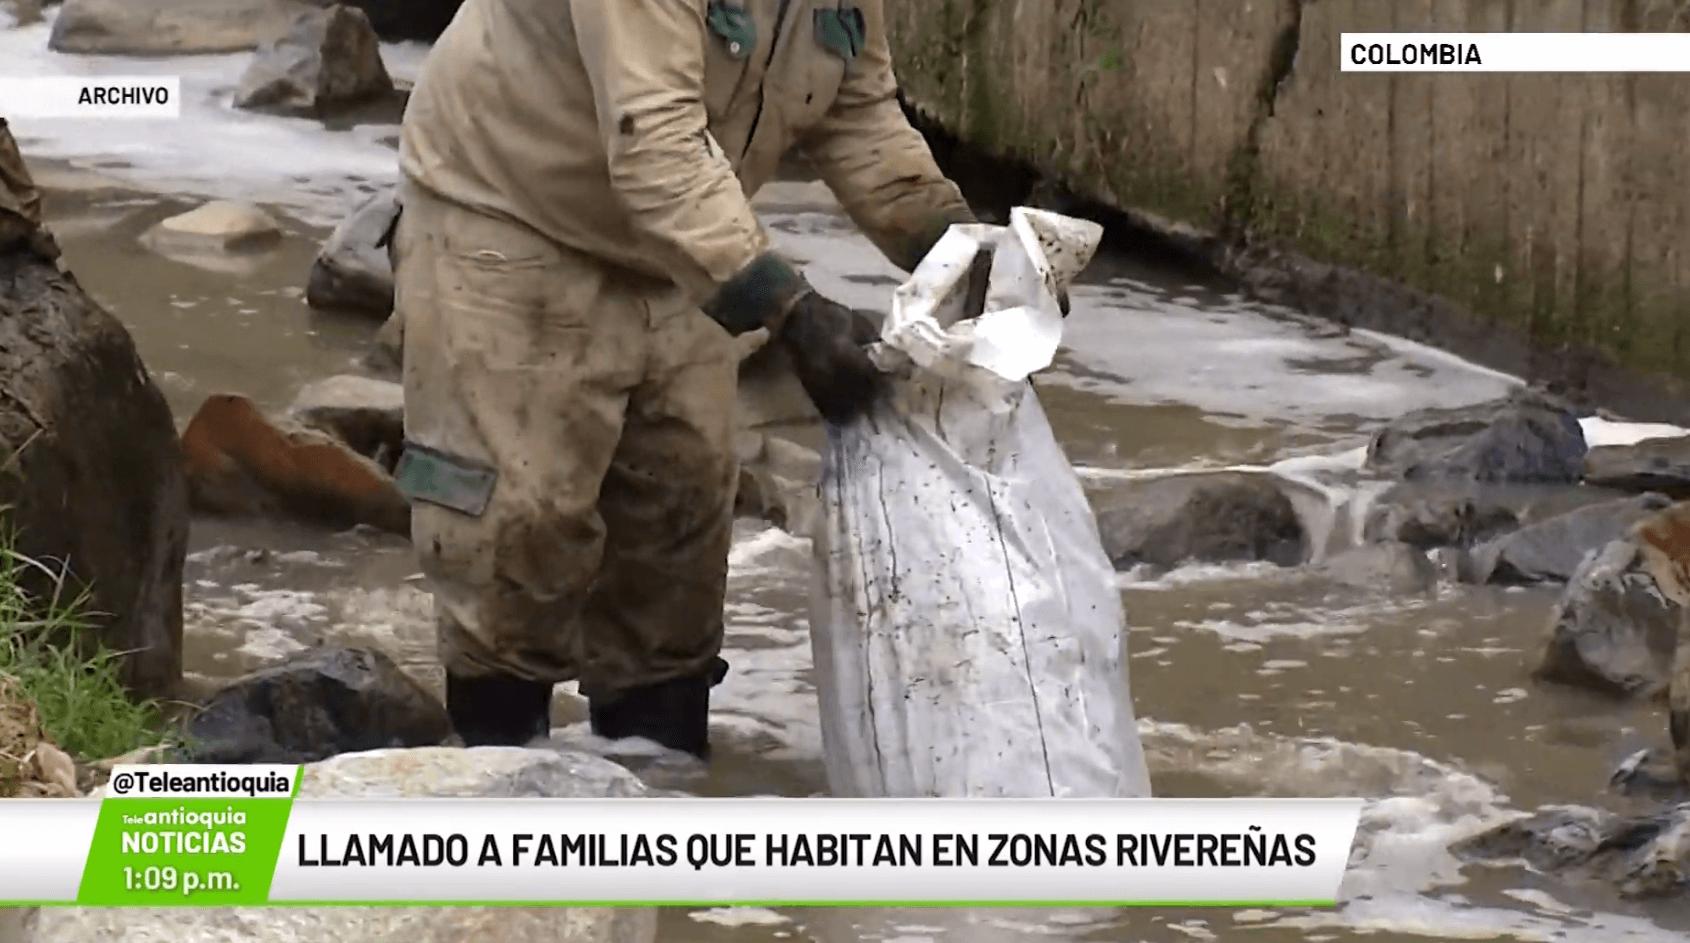 Llamado a familias que habitan en zonas rivereñas